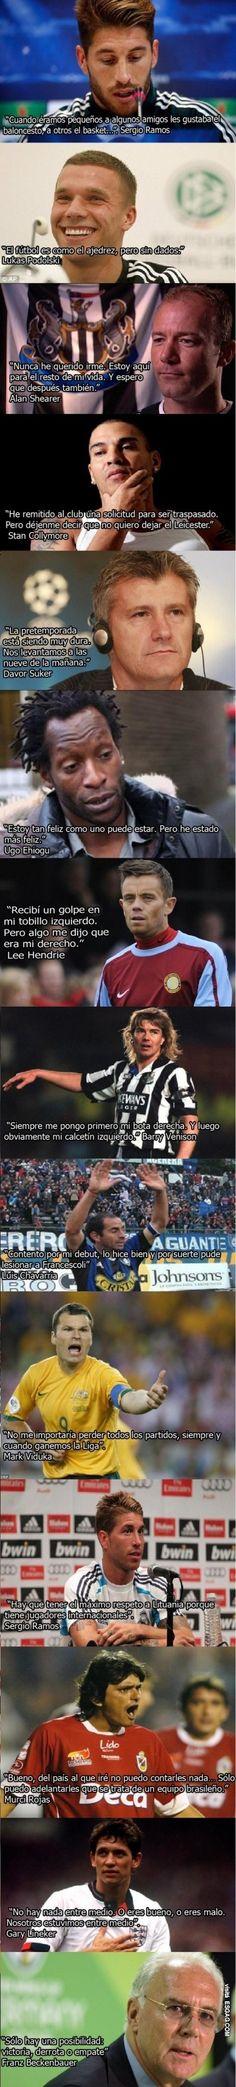 14 frases absurdas que nos deja el fútbol @ www.elmemeno.com